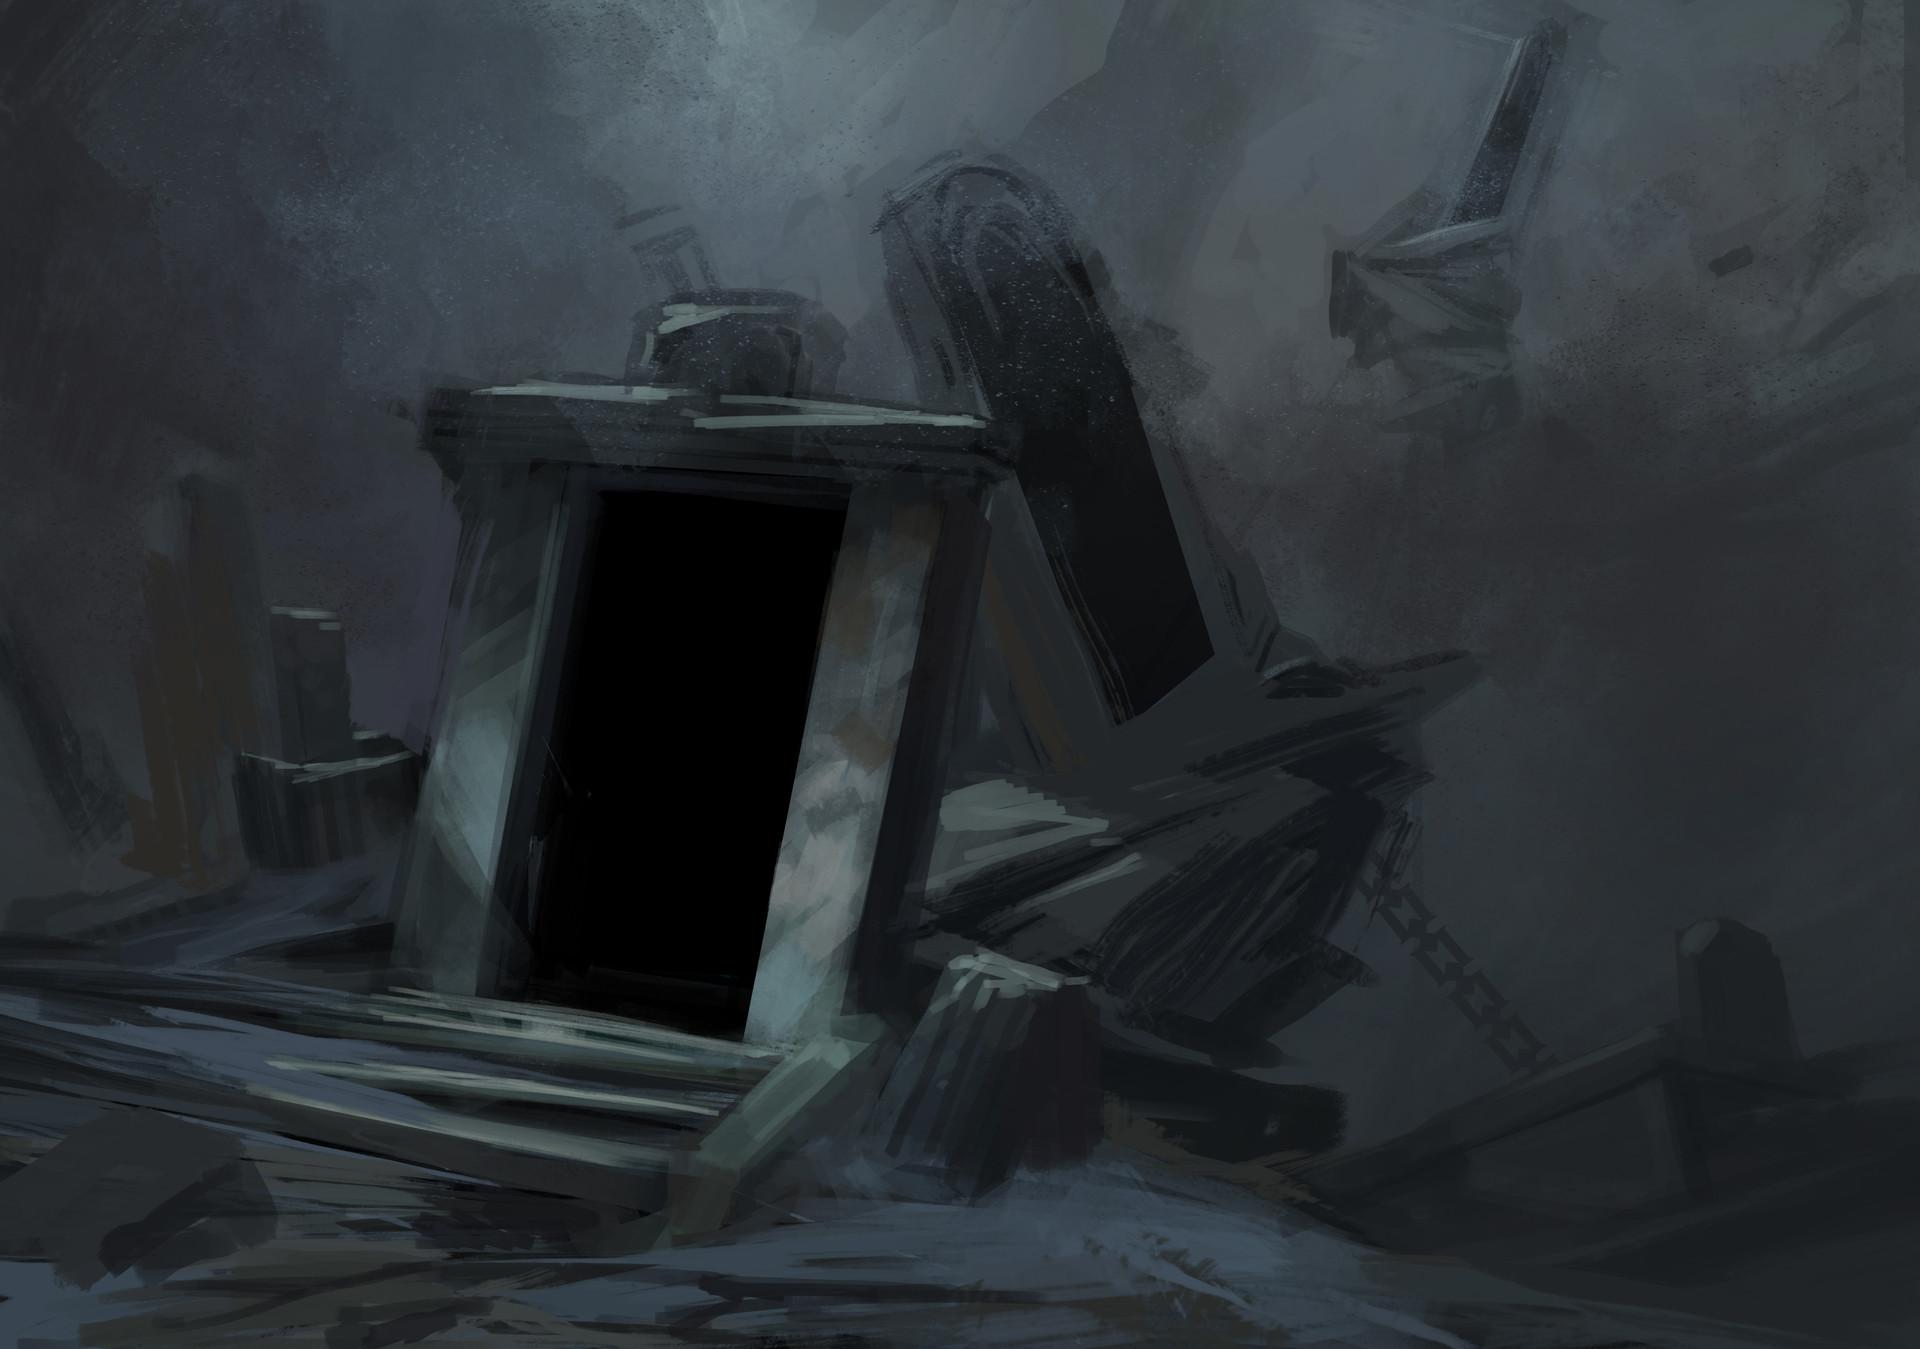 David alvarez portal 02